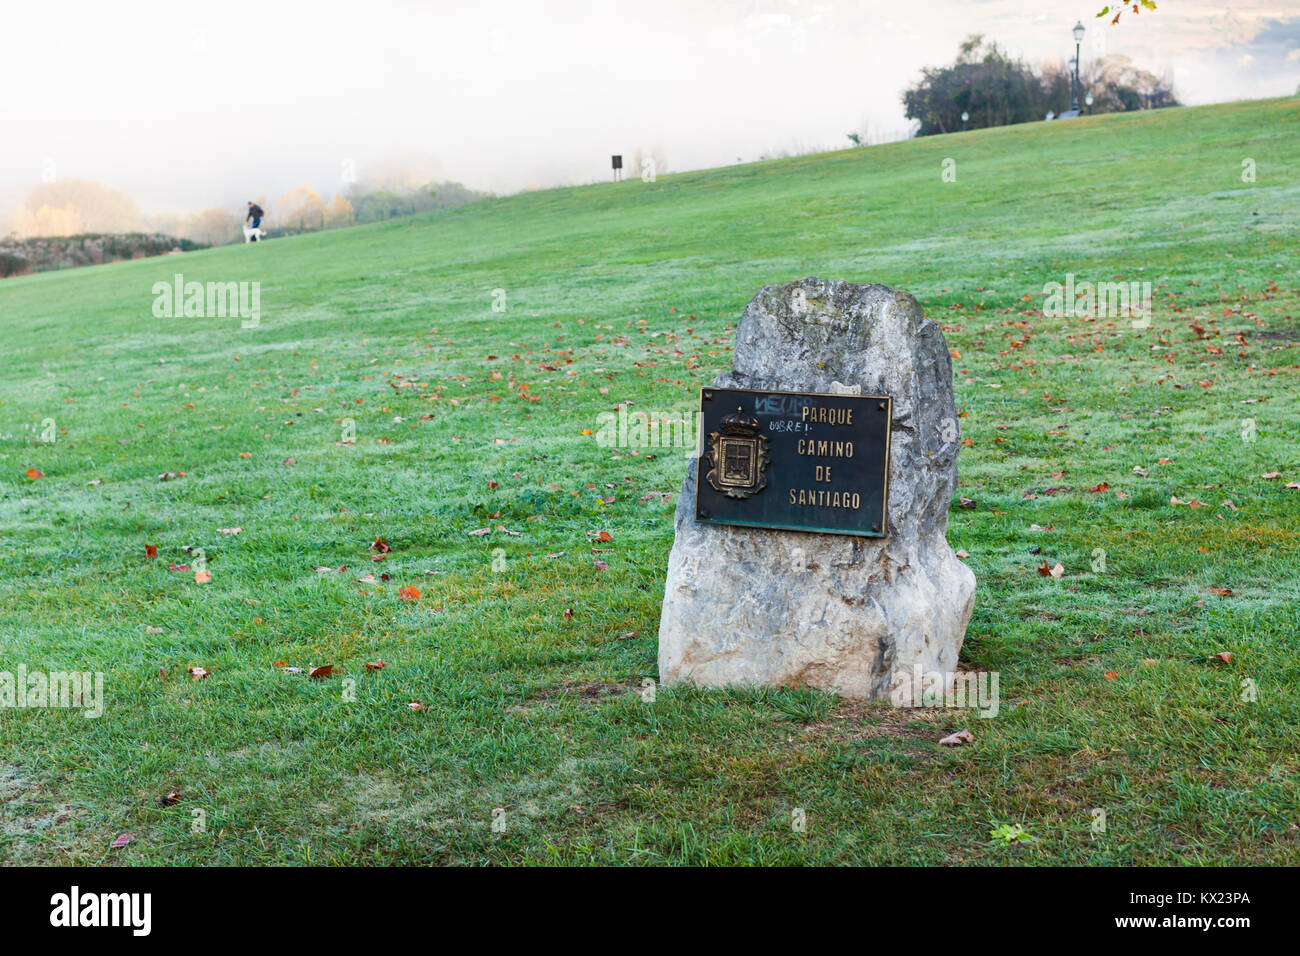 Parque del Camino de Santiago (Park of the Way of Saint James) in Oviedo, Asturias, Spain - Stock Image